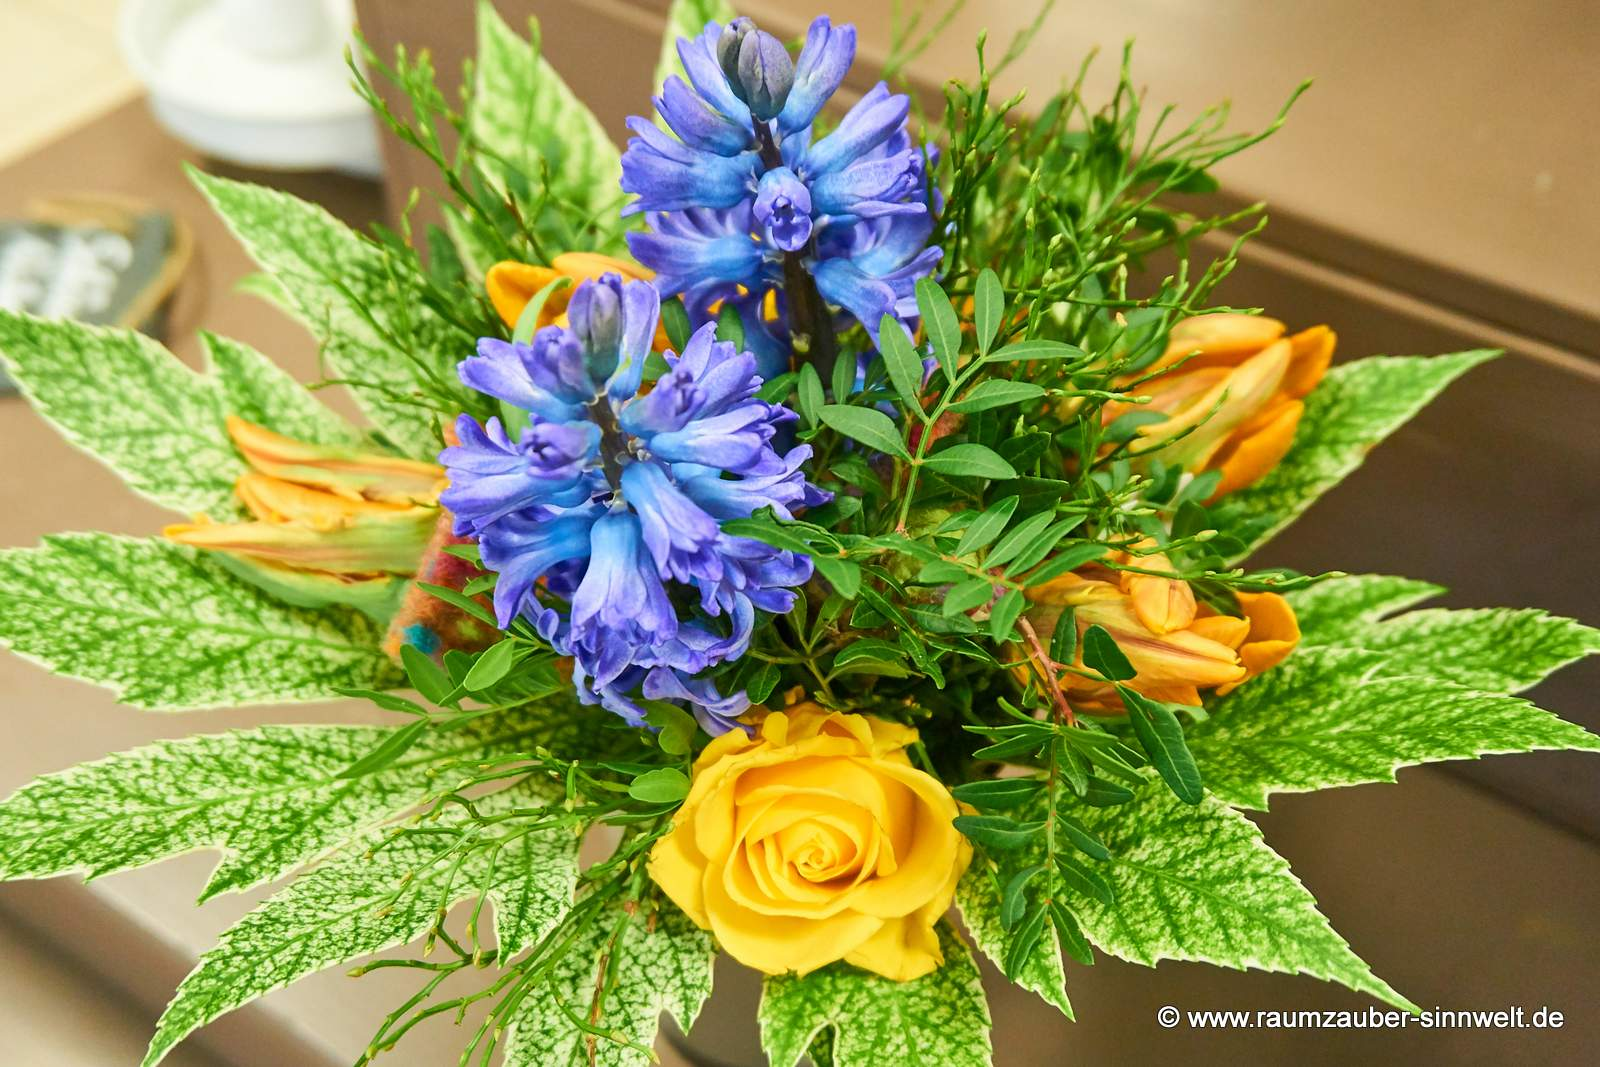 Frühlingsstrauß mit Hyazinthen, Tulpen und Rosen